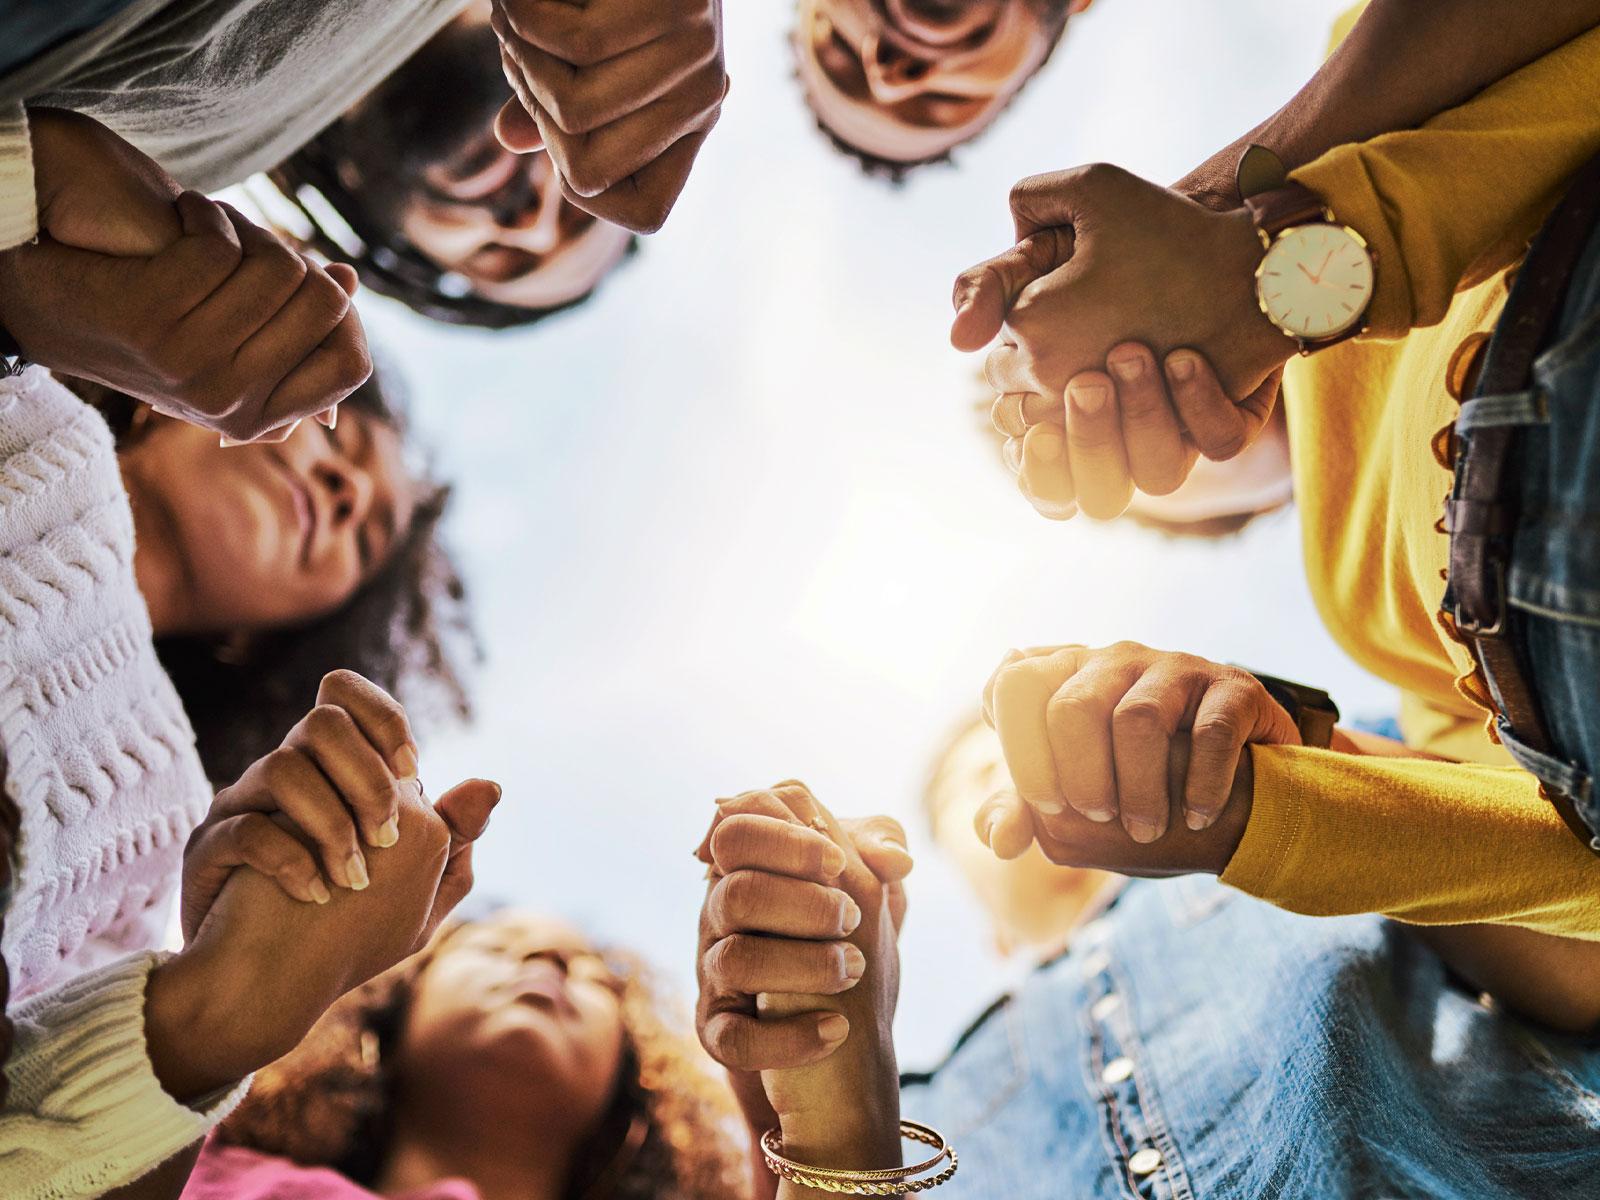 Rezar em línguas é avançar na fé